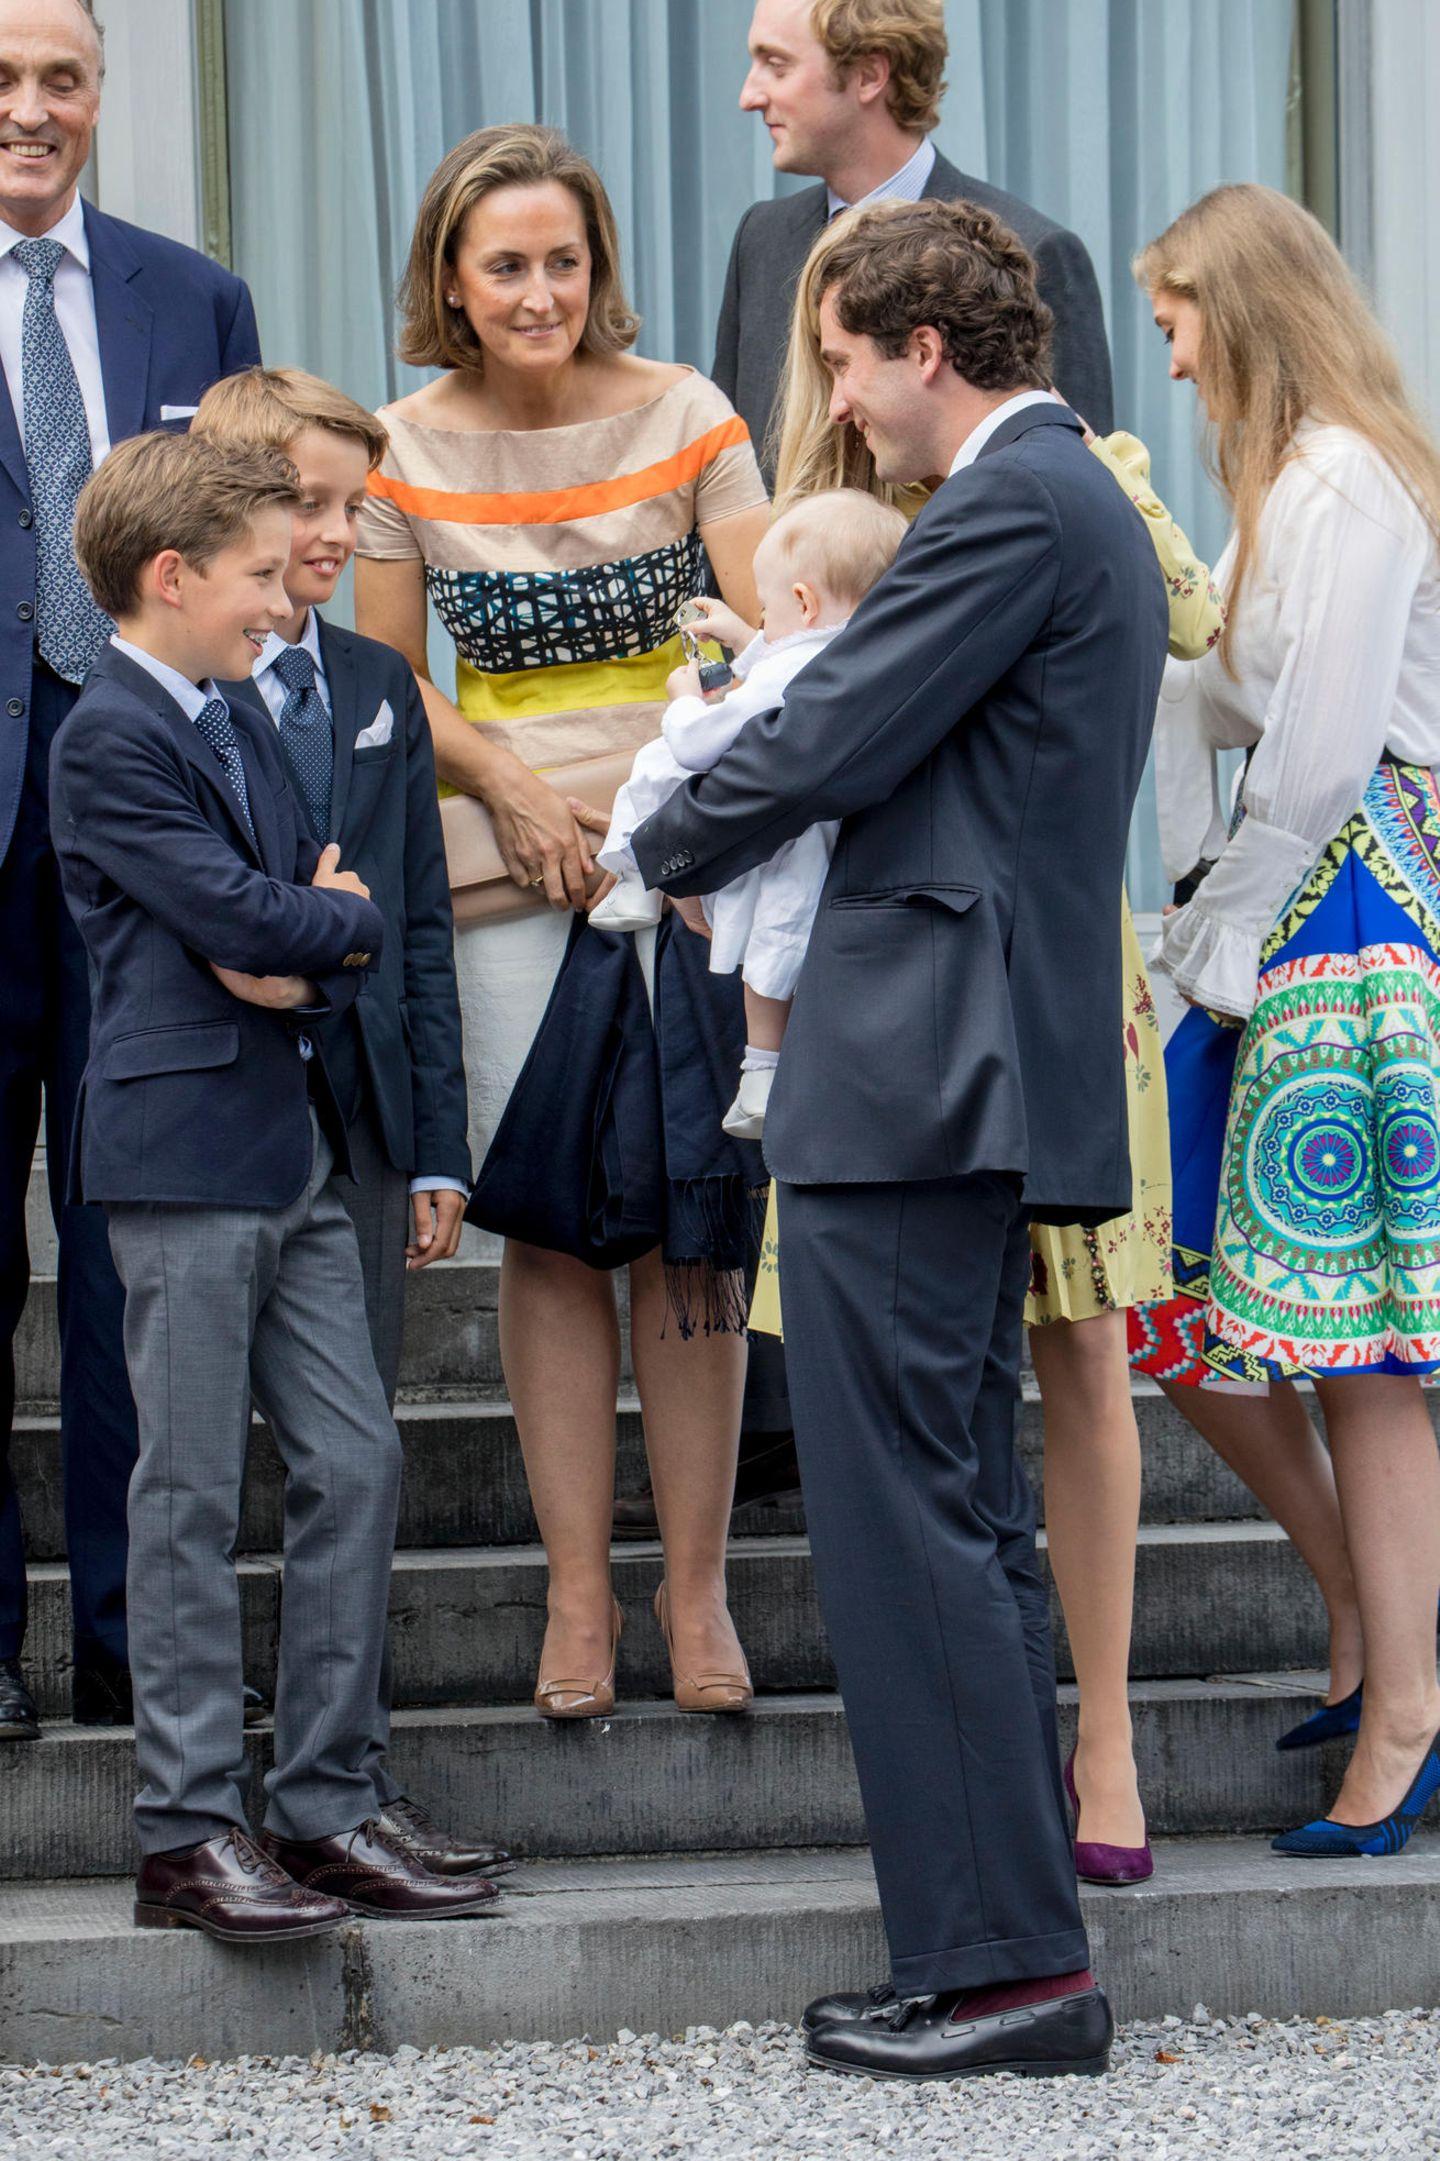 Anna zieht wirklich ALLE in ihren Bann. Selbst die coolen Jungs, Prinz Nicolas und Prinz Aymeric, sind ganz fasziniert von ihr.